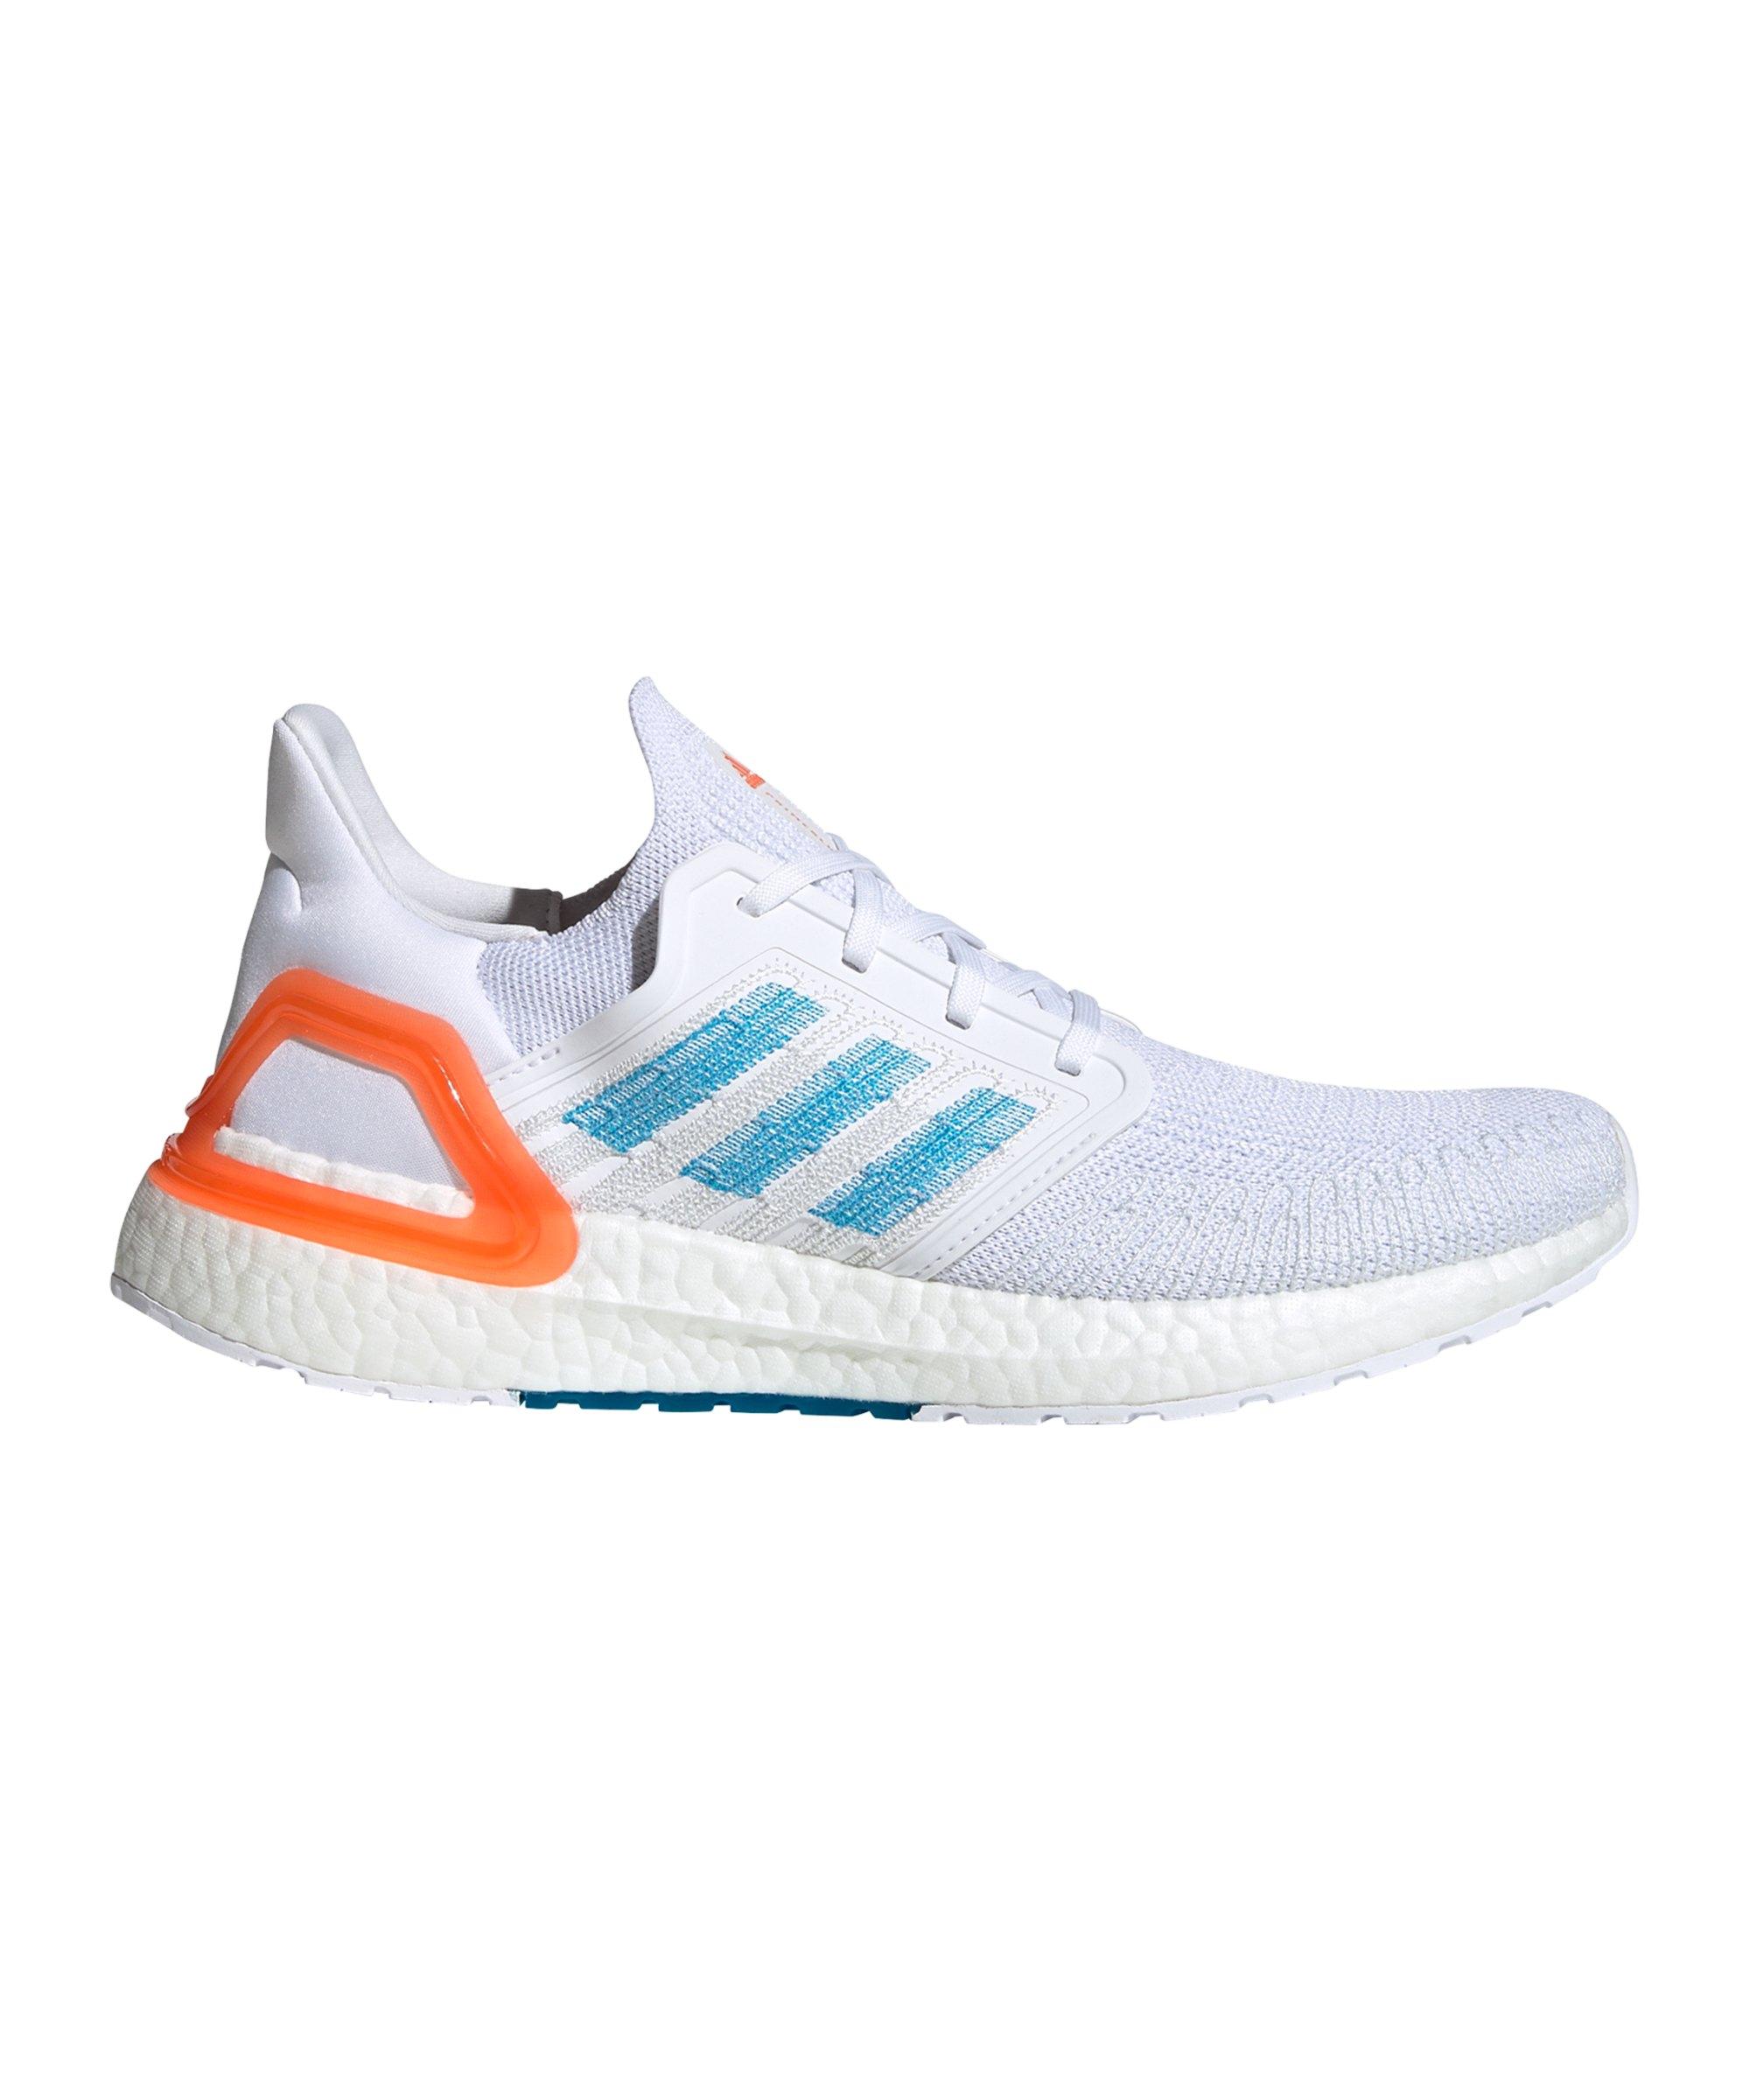 adidas Ultra Boost 20 Prime Running Weiss - weiss